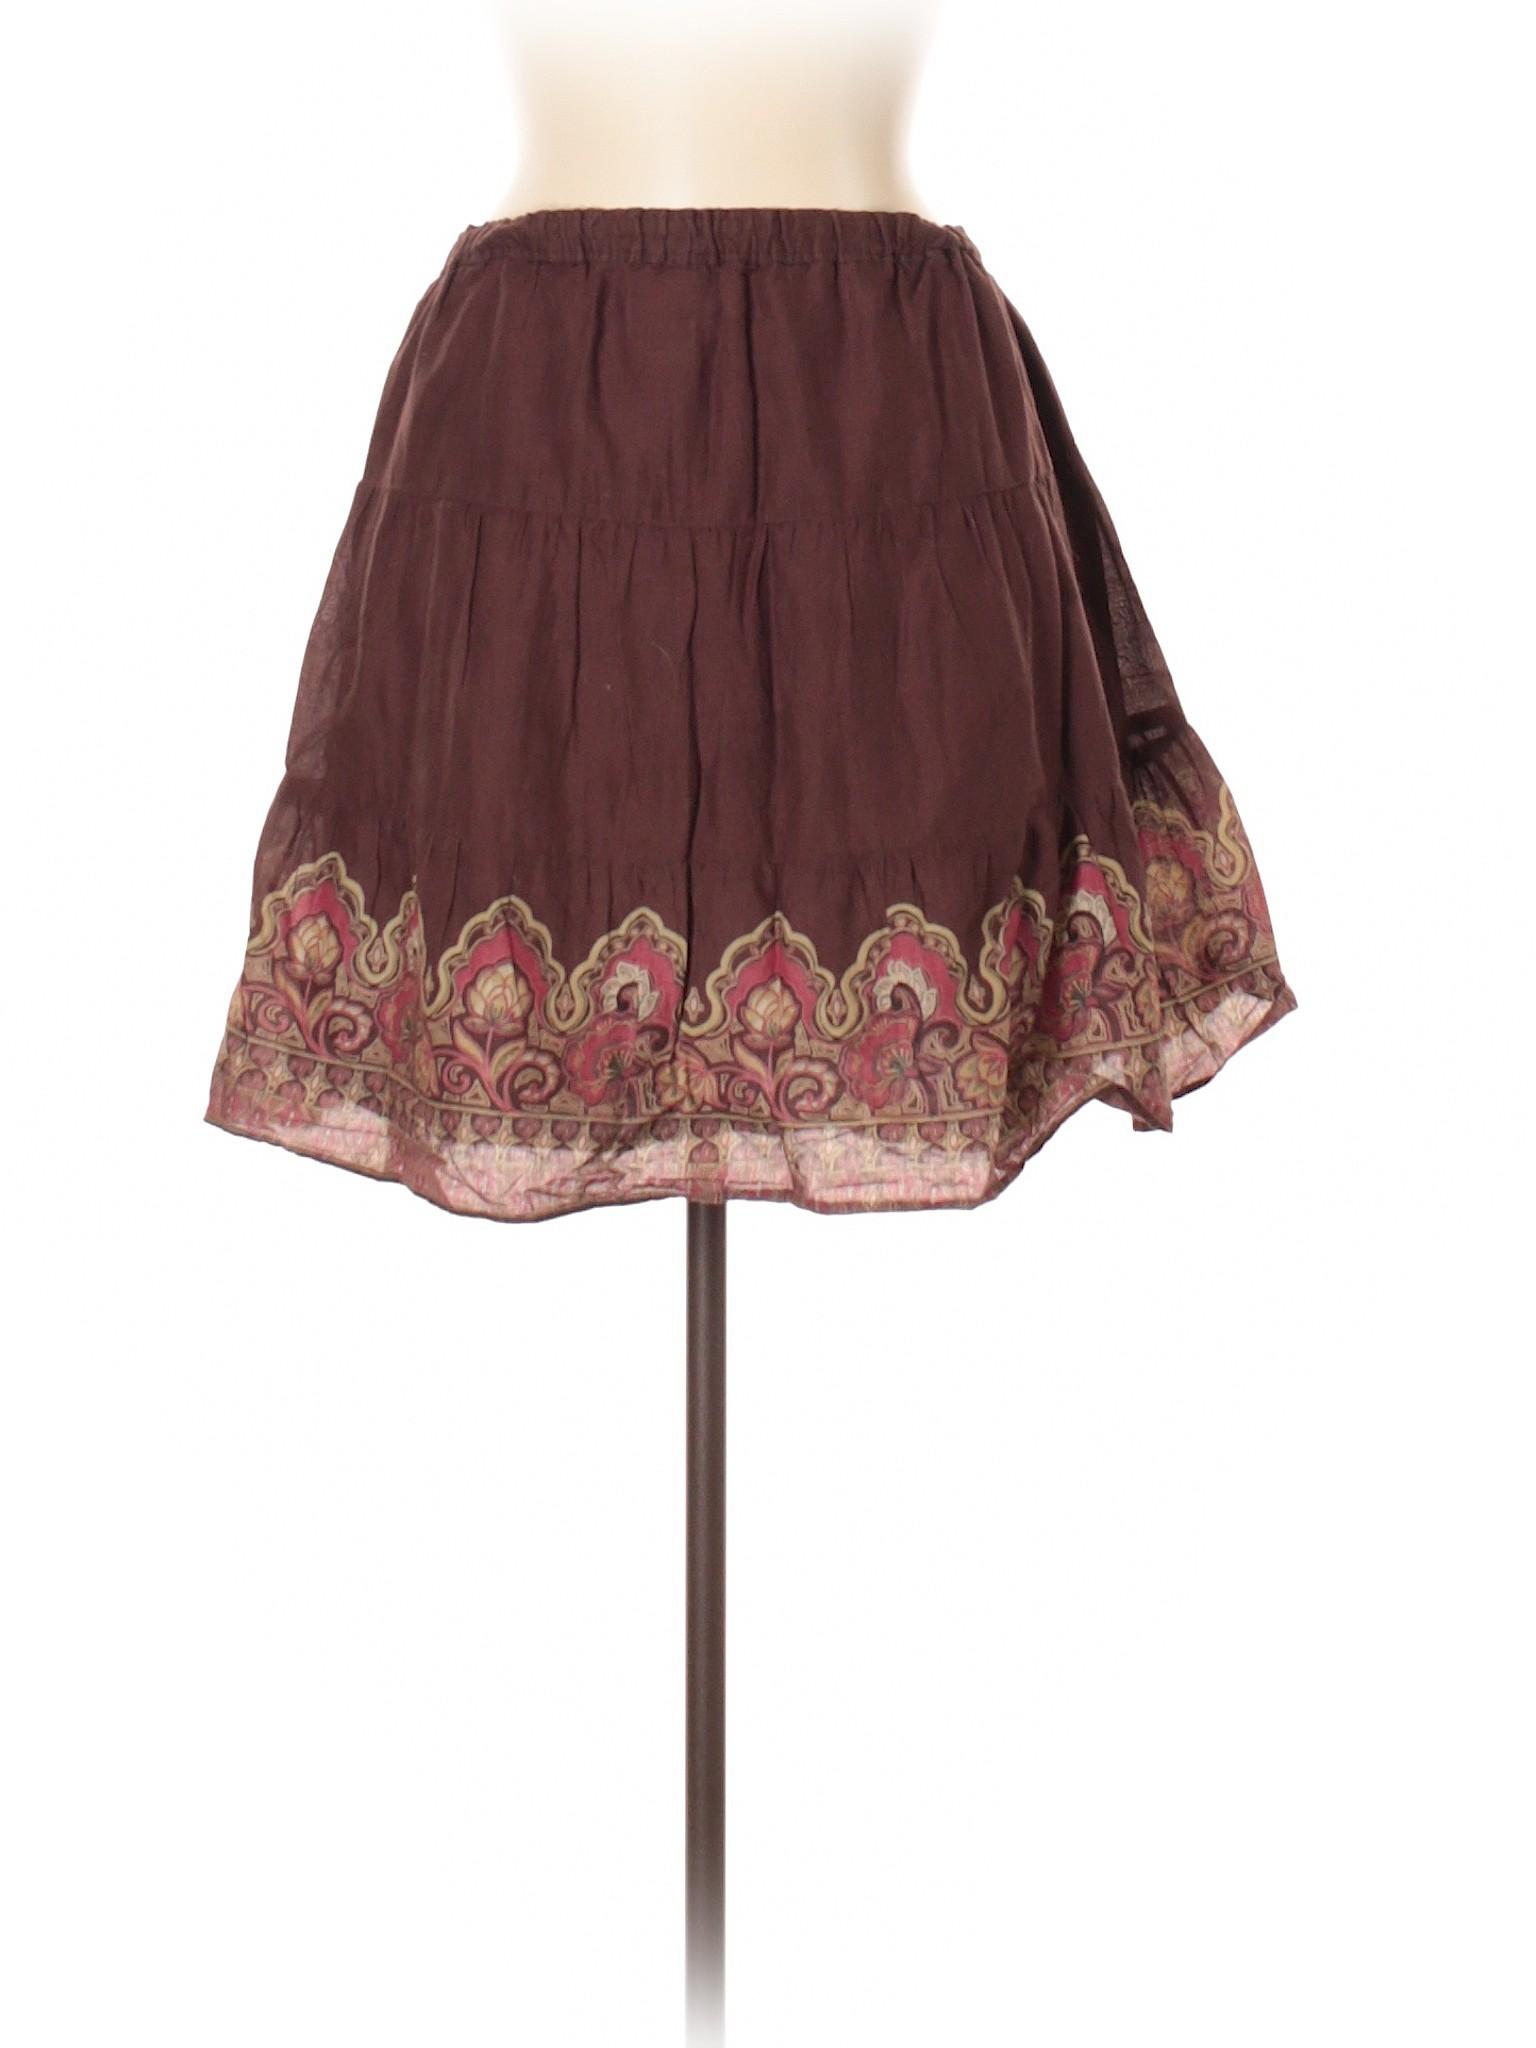 Casual Casual Skirt Boutique Boutique Boutique Skirt Casual Rqtgqwrx